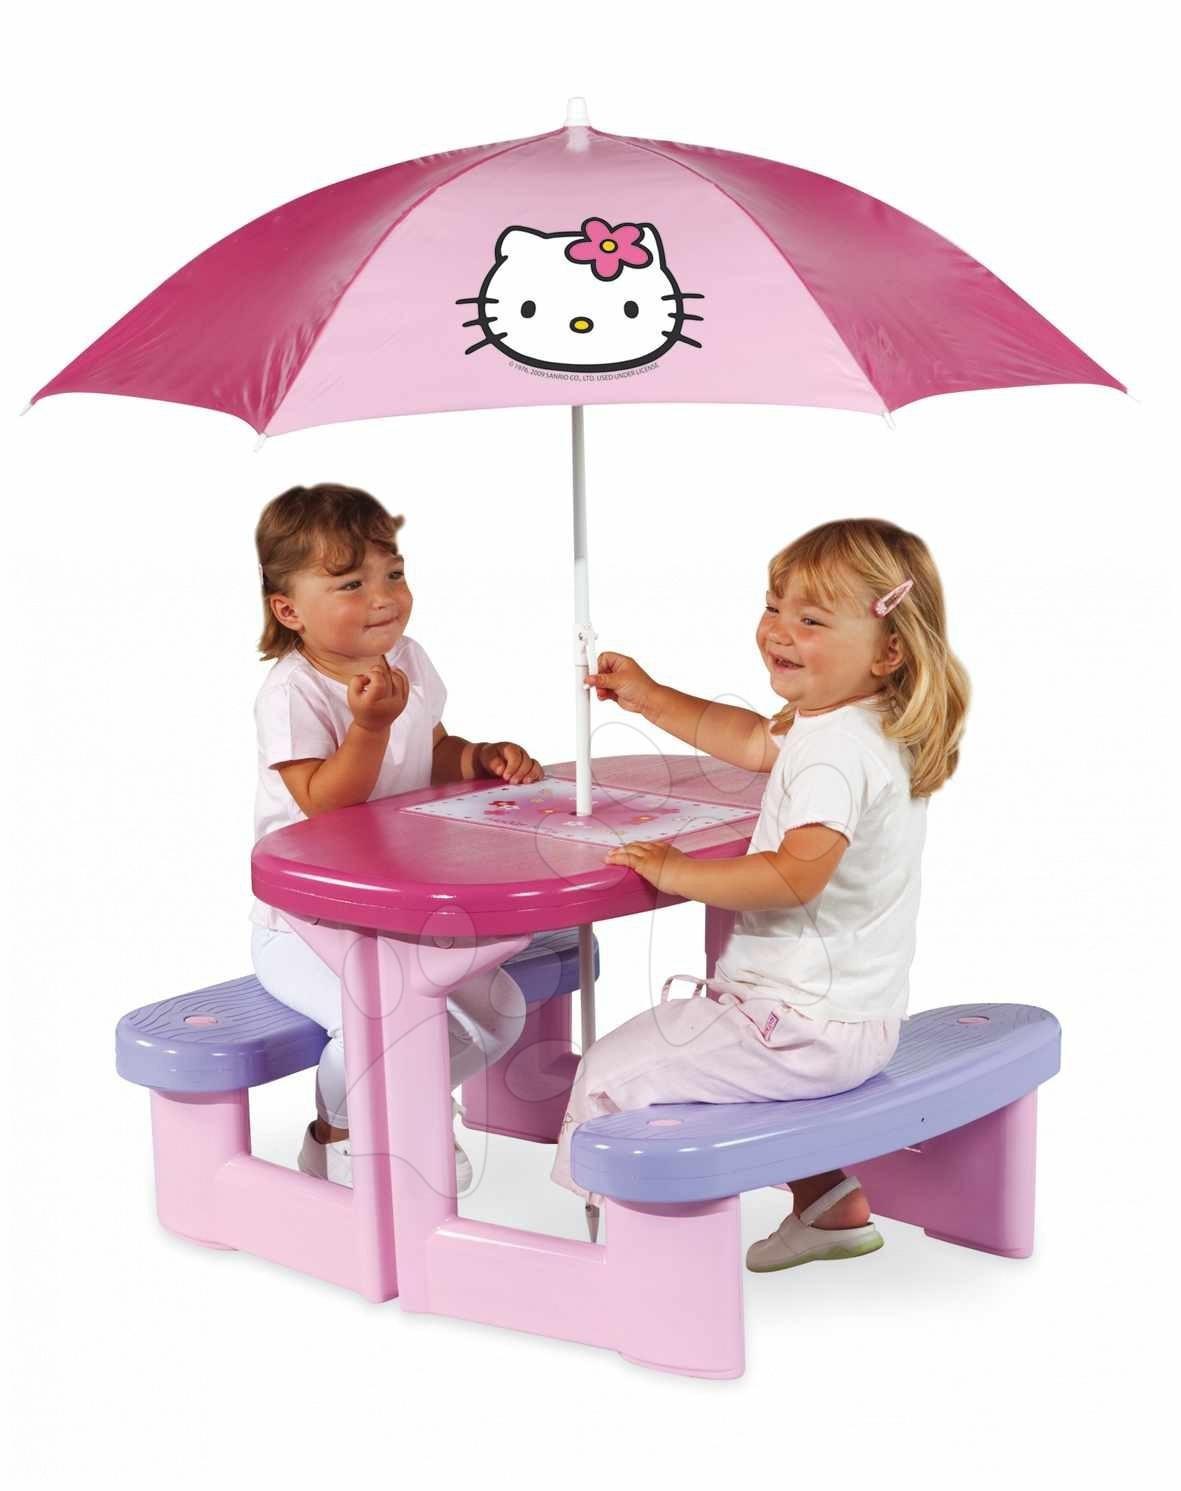 Piknikový stolek se slunečníkem Hello Kitty Smoby růžovo fialový od 24 měsíců